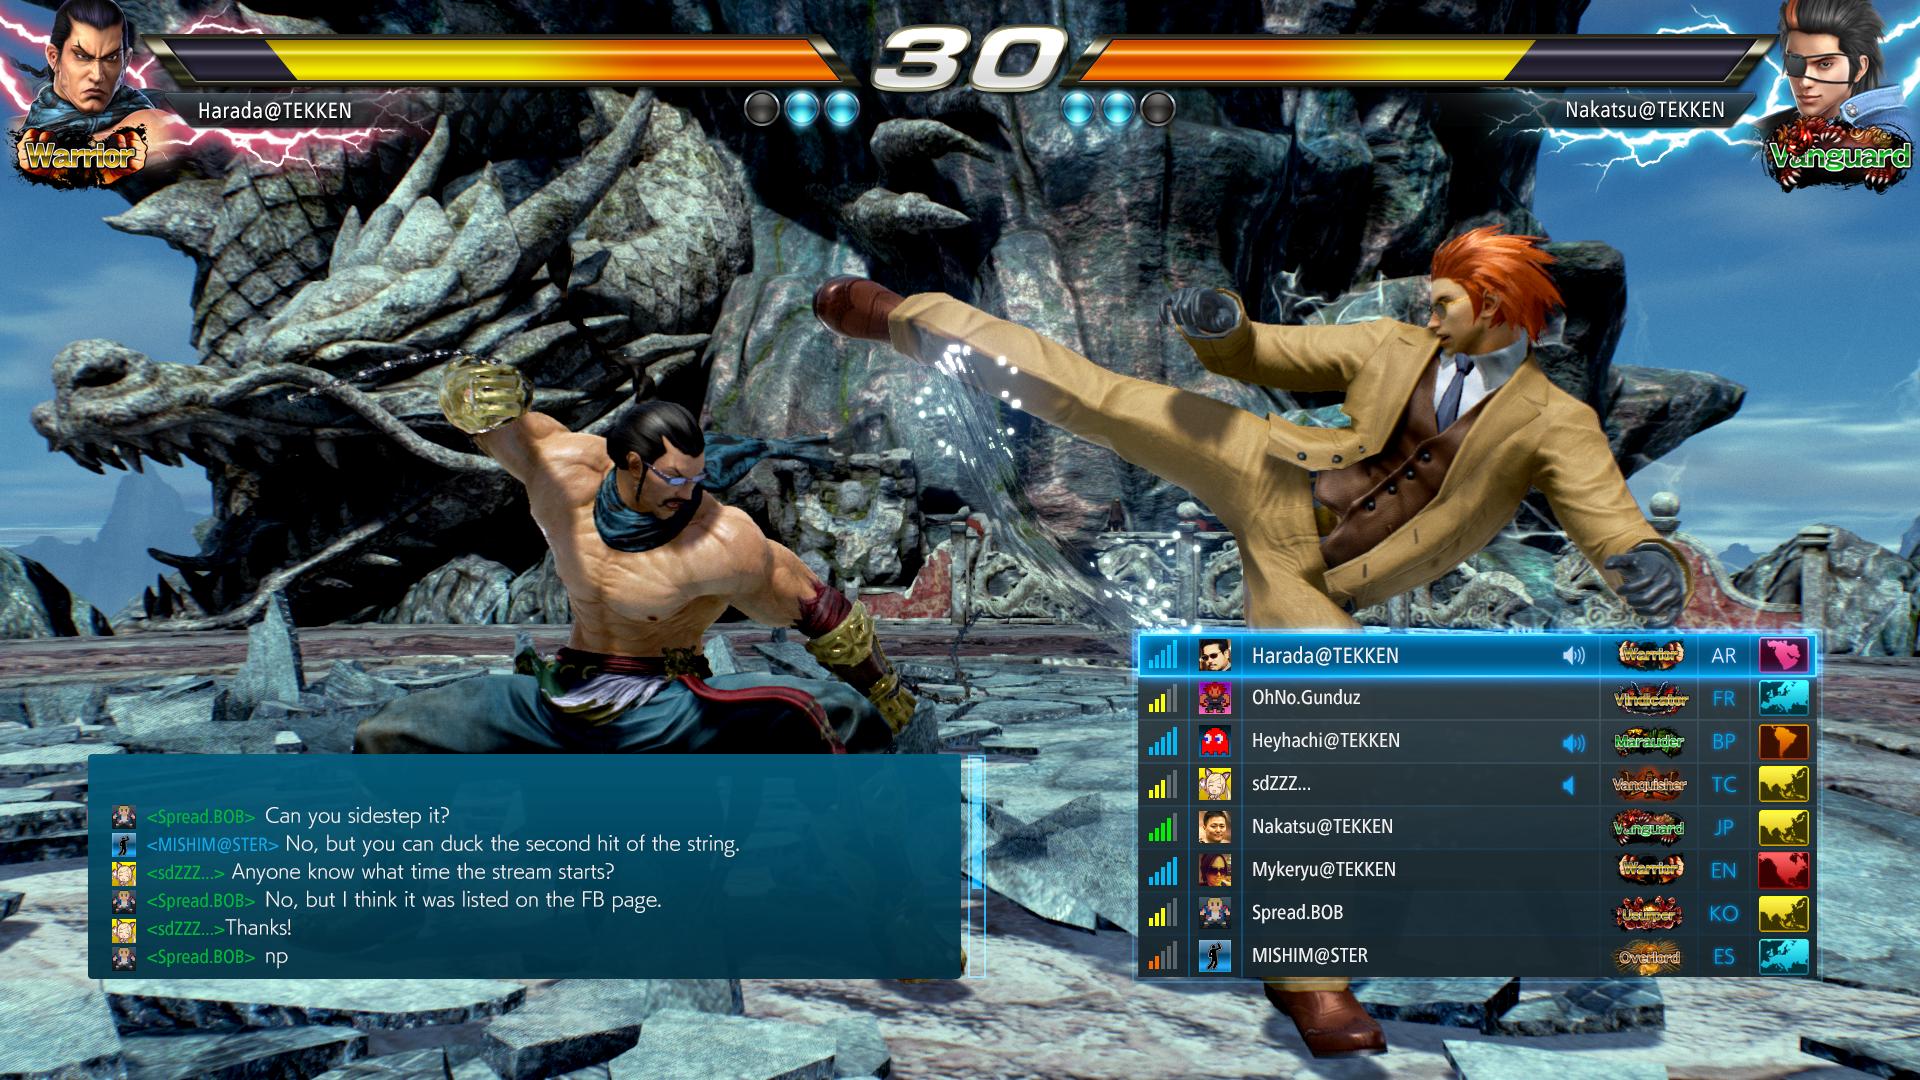 Imágenes de Tekken 7 - MeriStation